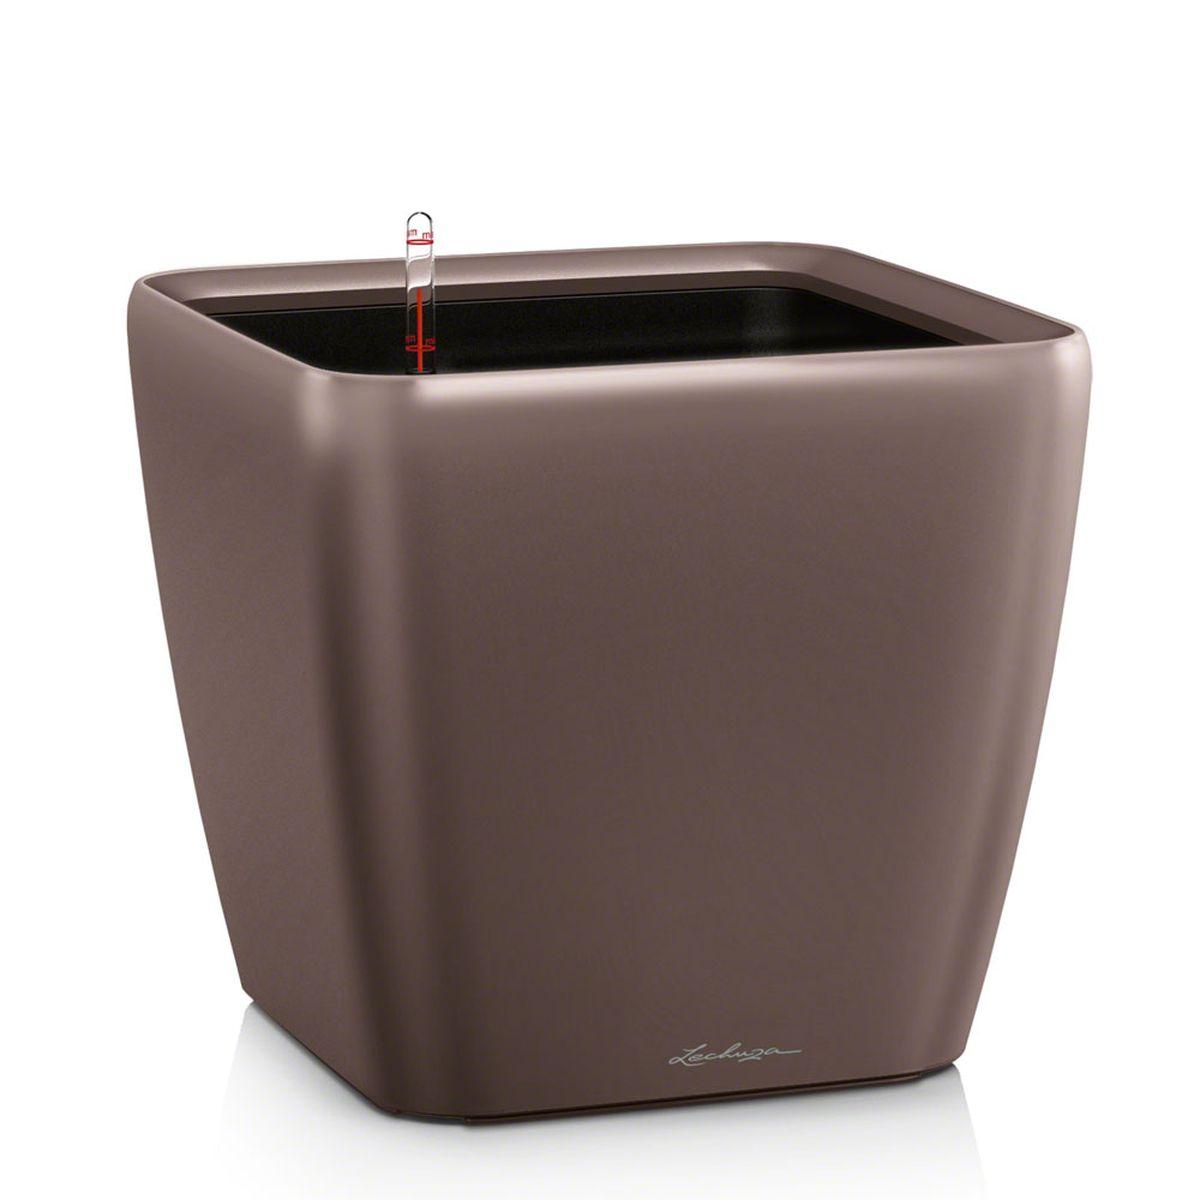 Кашпо Lechuza Quadro, с системой автополива, цвет: эспрессо, 28 х 28 х 26 см16141Кашпо Lechuza Quadro, выполненное из высококачественного пластика, имеет уникальную систему автополива, благодаря которой корневая система растения непрерывно снабжается влагой из резервуара. Уровень воды в резервуаре контролируется с помощью специального индикатора. В зависимости от размера кашпо и растения воды хватает на 2-12 недель. Это способствует хорошему росту цветов и предотвращает переувлажнение. В набор входит: кашпо, внутренний горшок с выдвижной эргономичной ручкой, индикатор уровня воды, вал подачи воды, субстрат растений в качестве дренажного слоя, резервуар для воды. Кашпо Lechuza Quadro прекрасно впишется в любой интерьер. Оно поможет расставить нужные акценты, а также придаст помещению вид, соответствующий вашим представлениям.